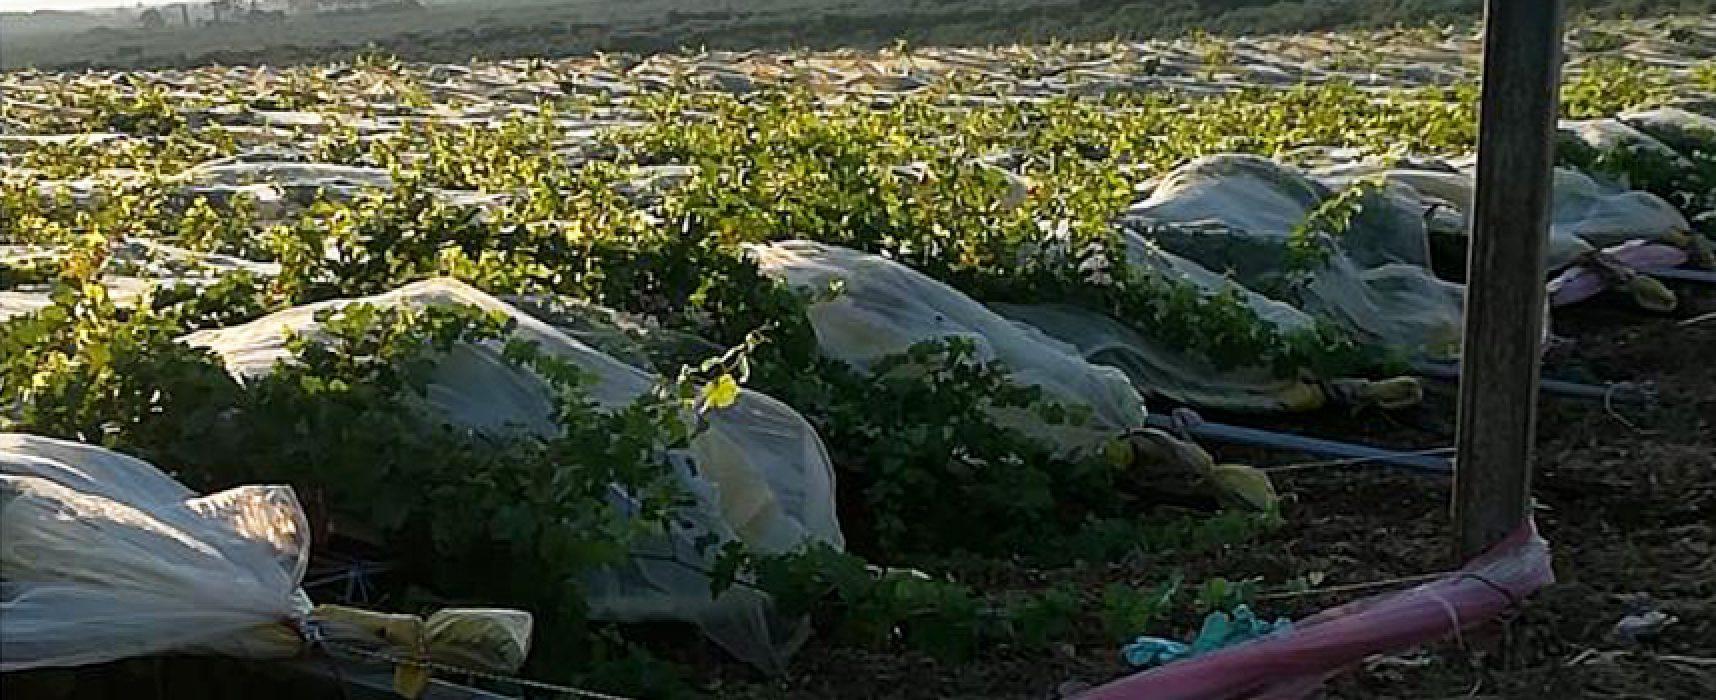 Danneggiato vigneto di azienda agricola biscegliese, solidarietà di Cigl e Flai Cigl Bat